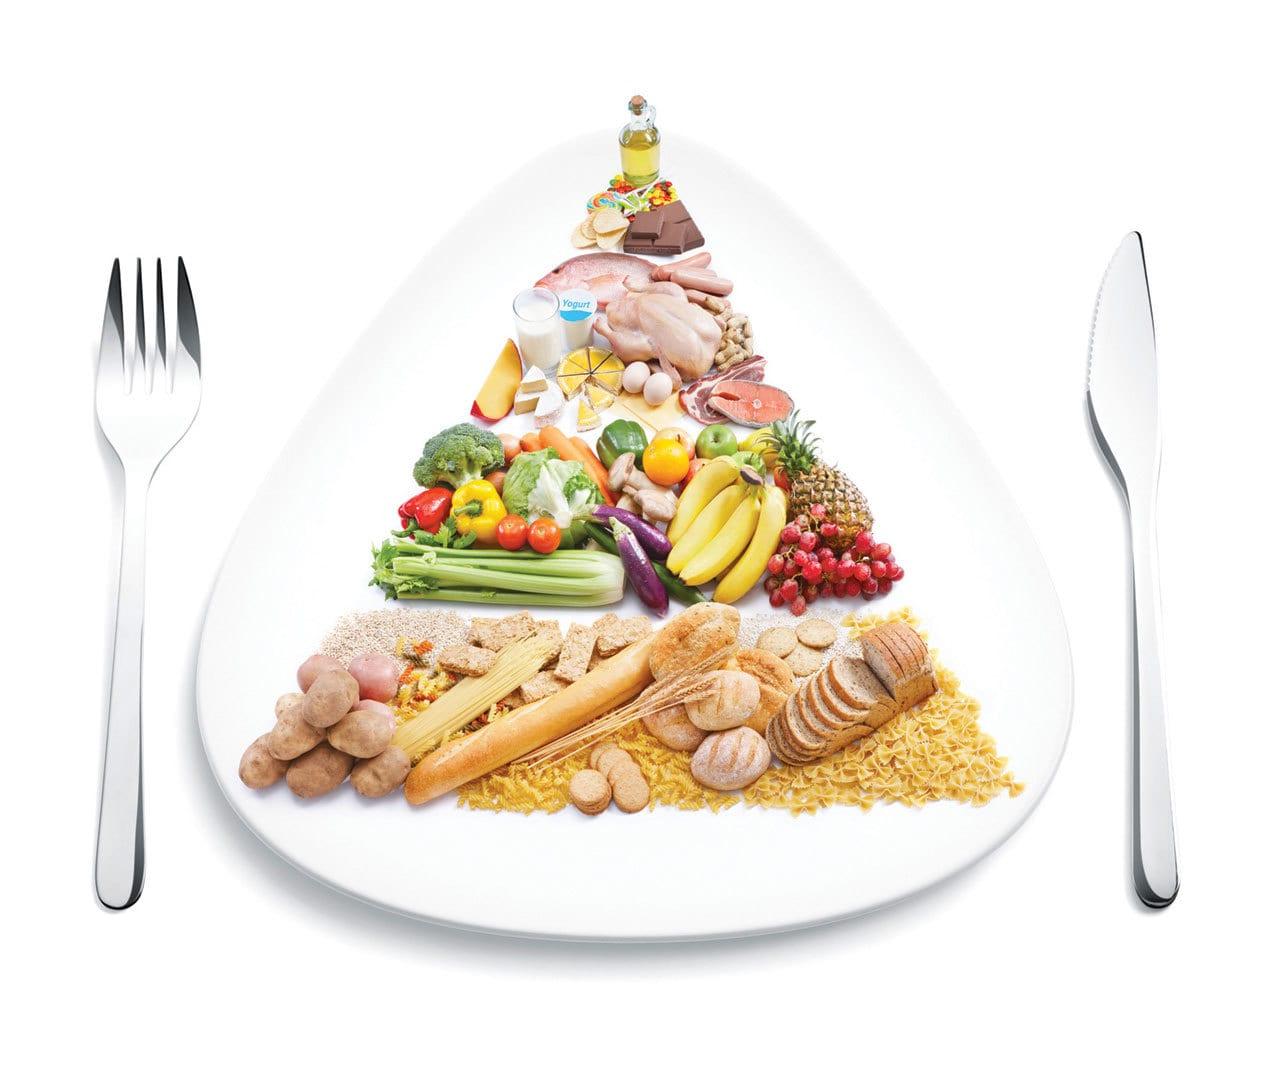 برنامج غذائي صحي اقرأ السوق المفتوح